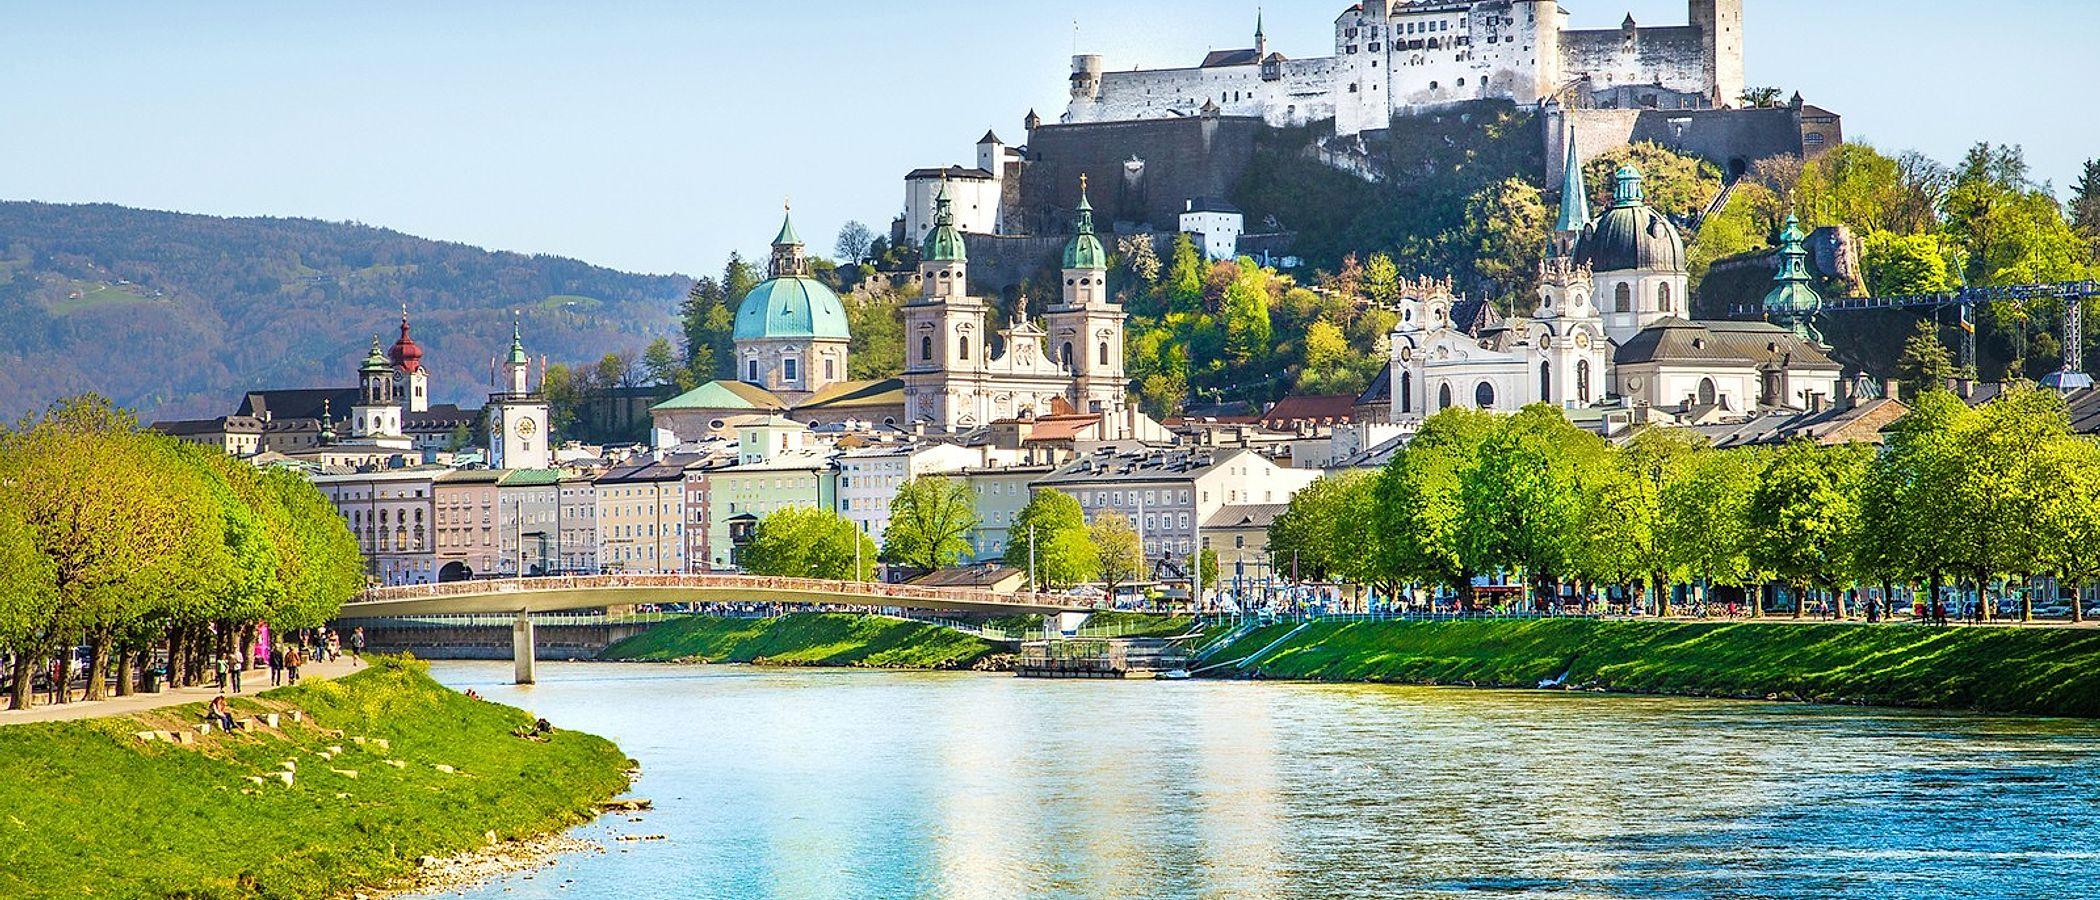 Image result for salzburg austria